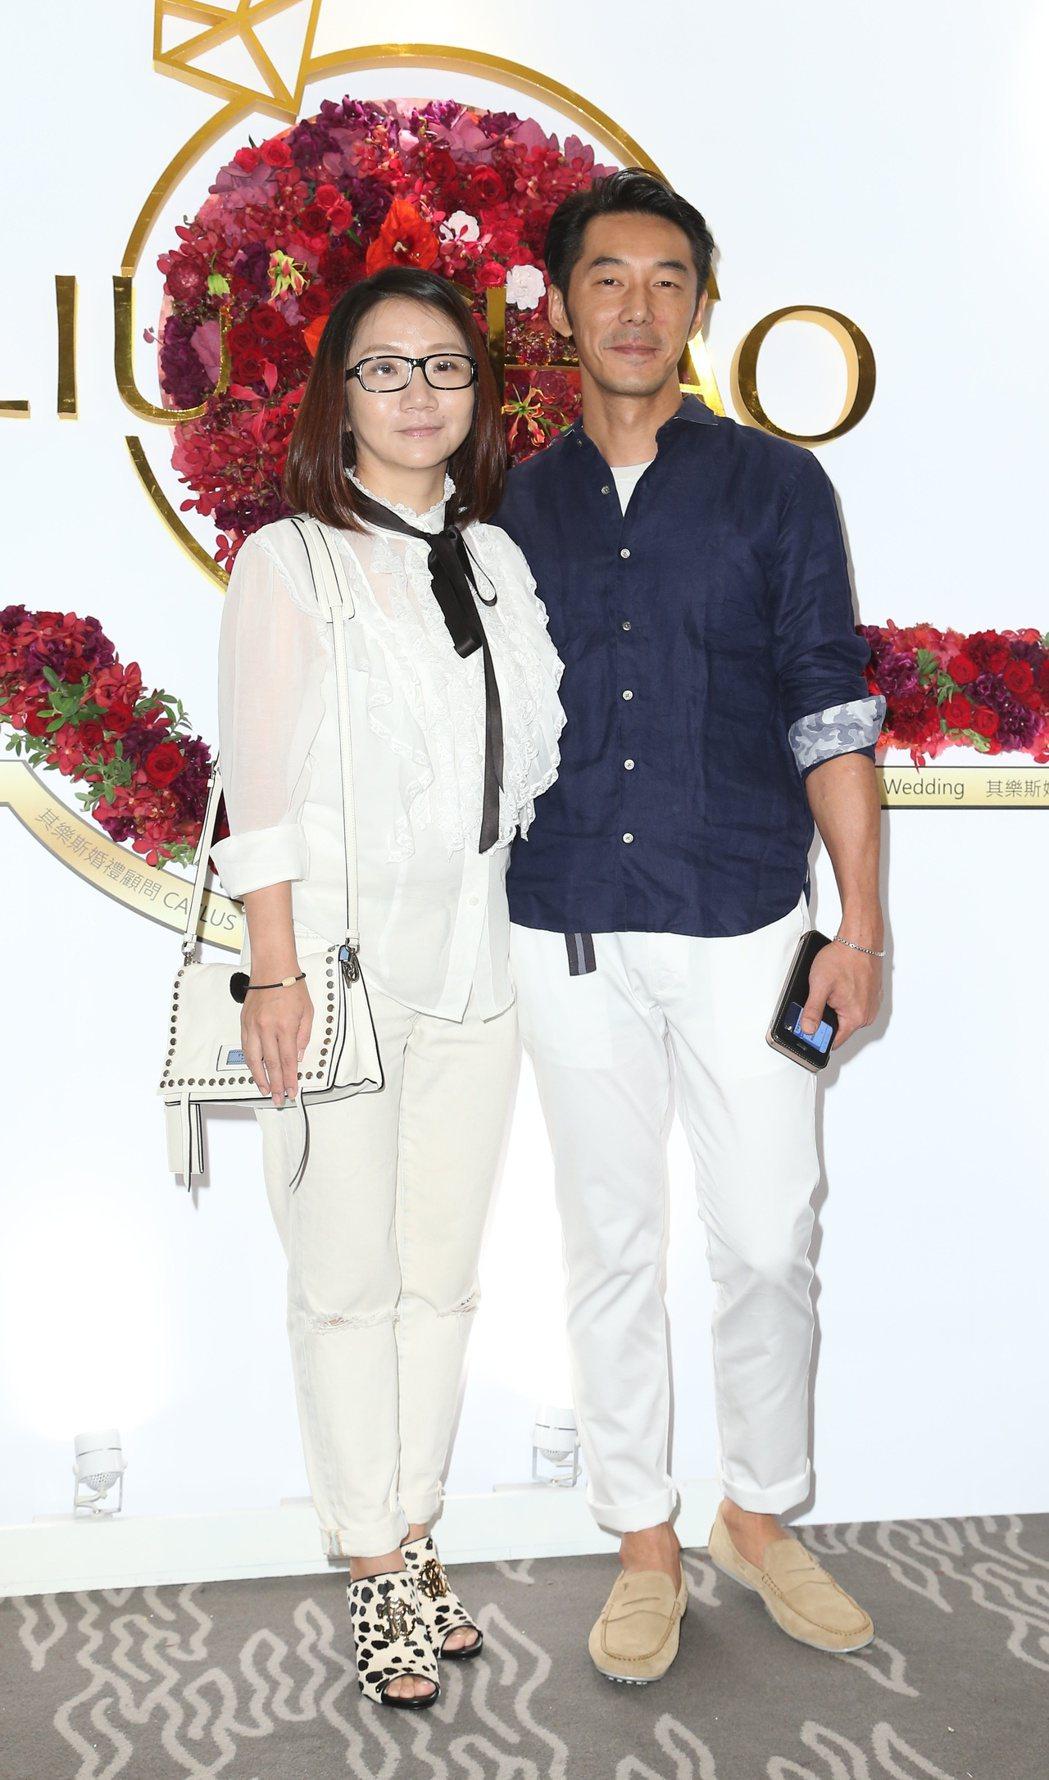 趙小僑與劉亮佐舉行婚宴,陶晶瑩(左)與李李仁(右)前來祝賀。記者陳立凱/攝影